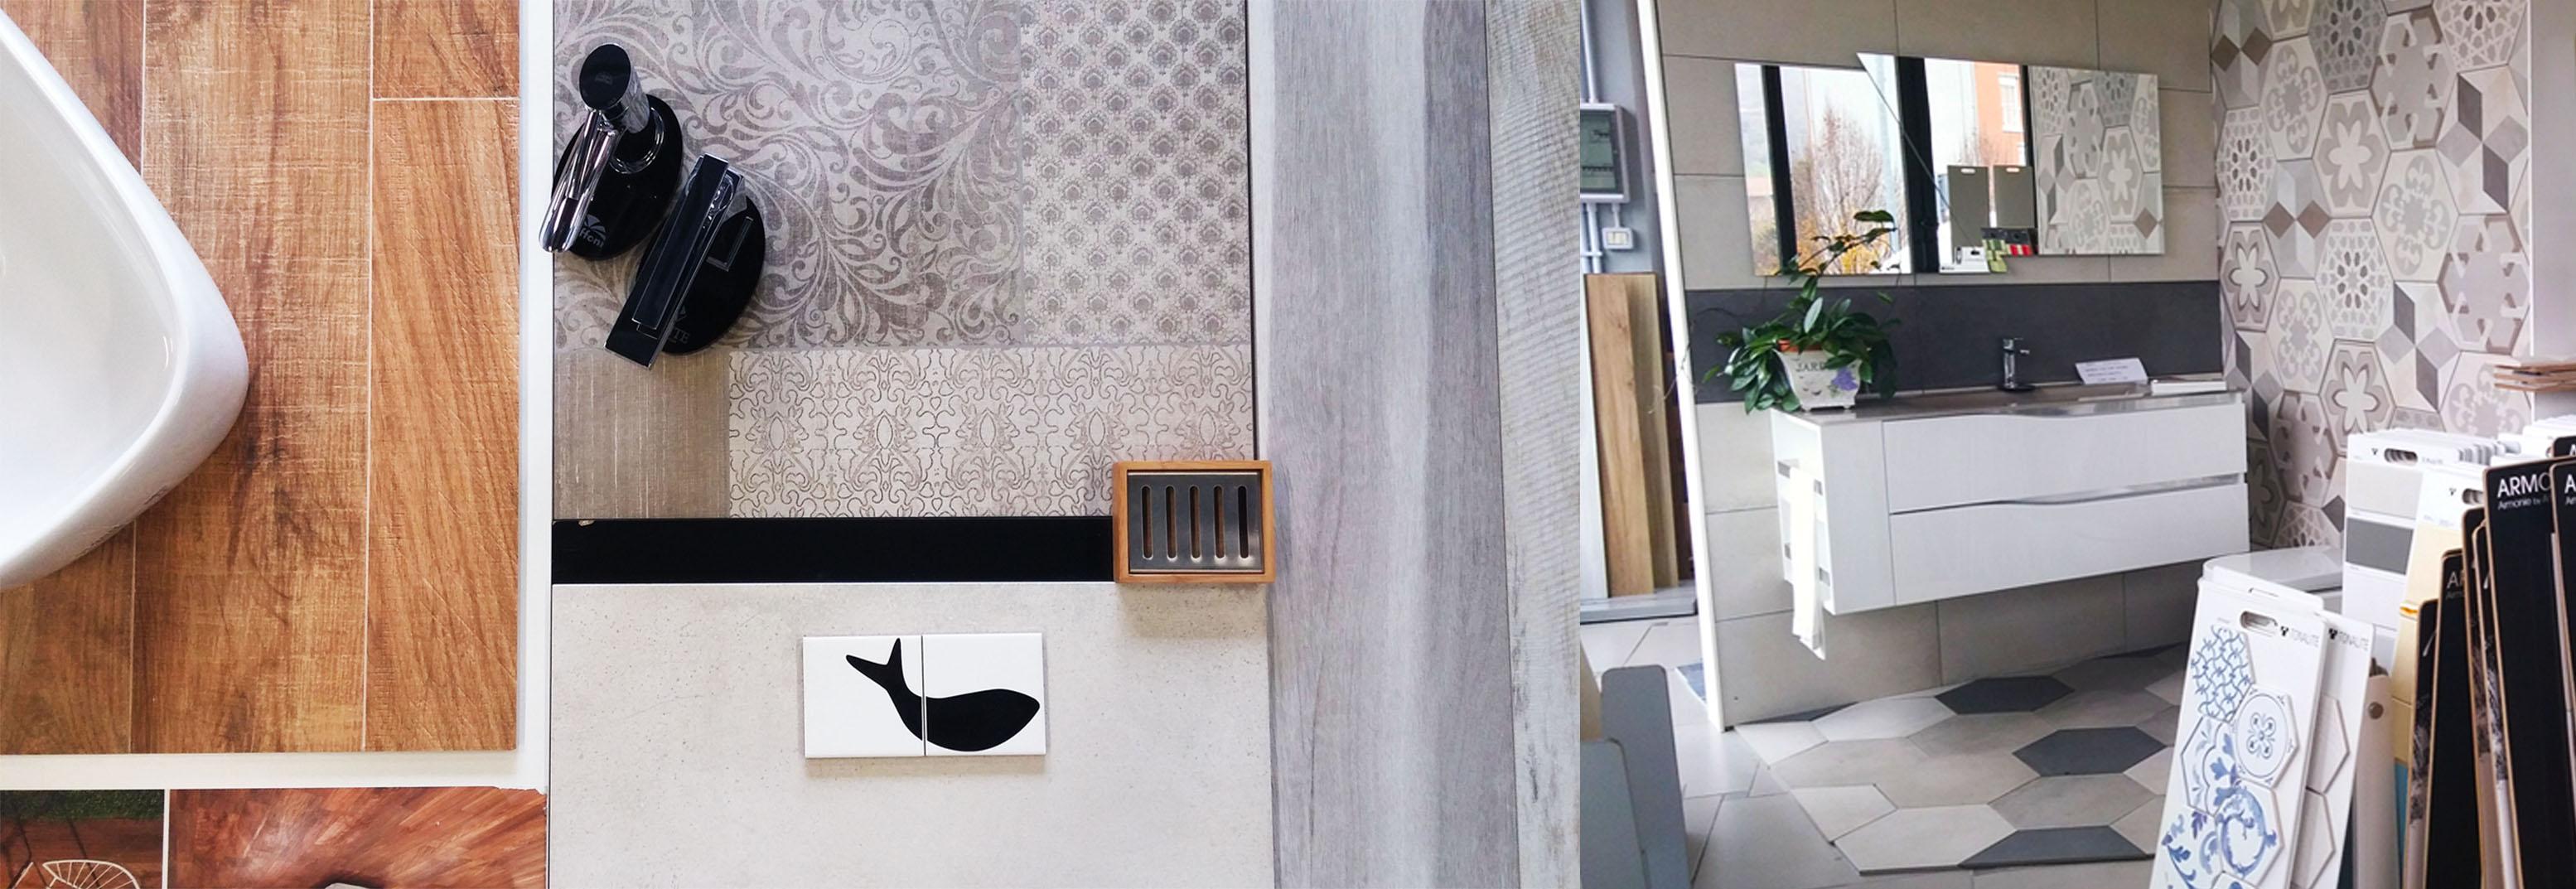 Photogallery di Stile Piastrelle e arredo bagno